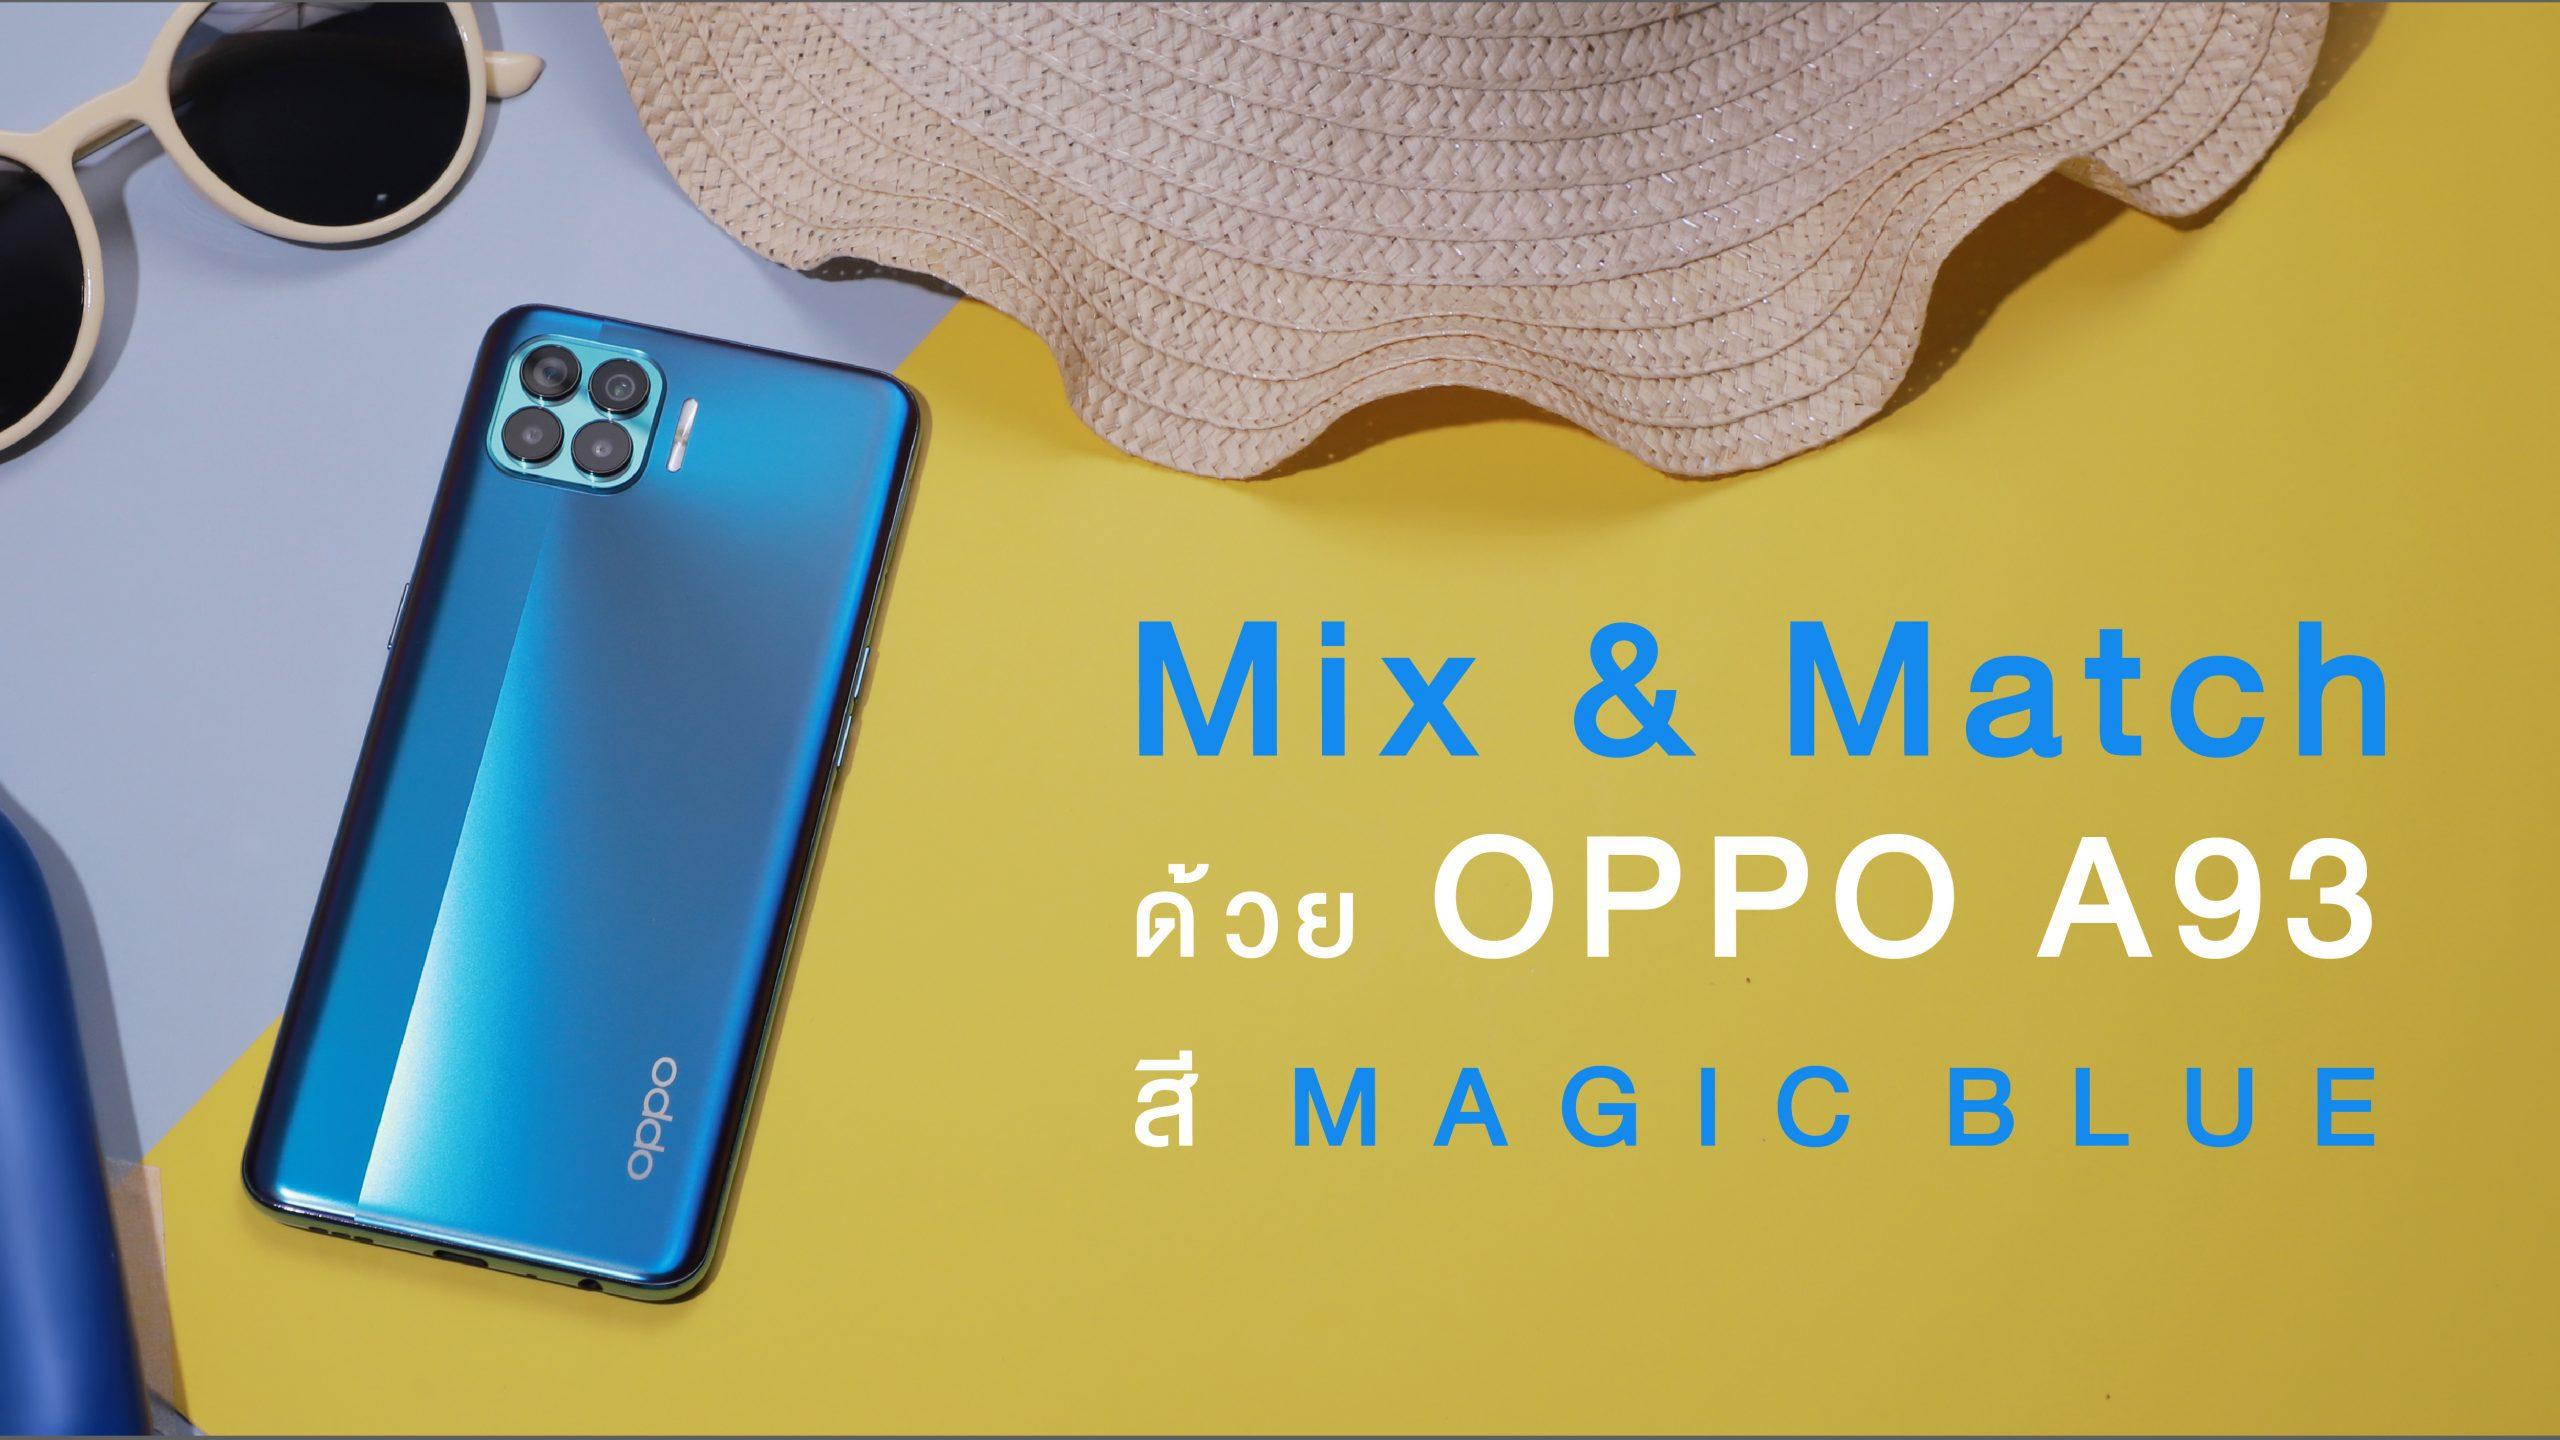 ไอเทมที่ต้องพกไปทะเลให้ทริปนี้ ไม่มีสะดุด กับ OPPO A93 สีใหม่! สีน้ำเงิน Magic Blue